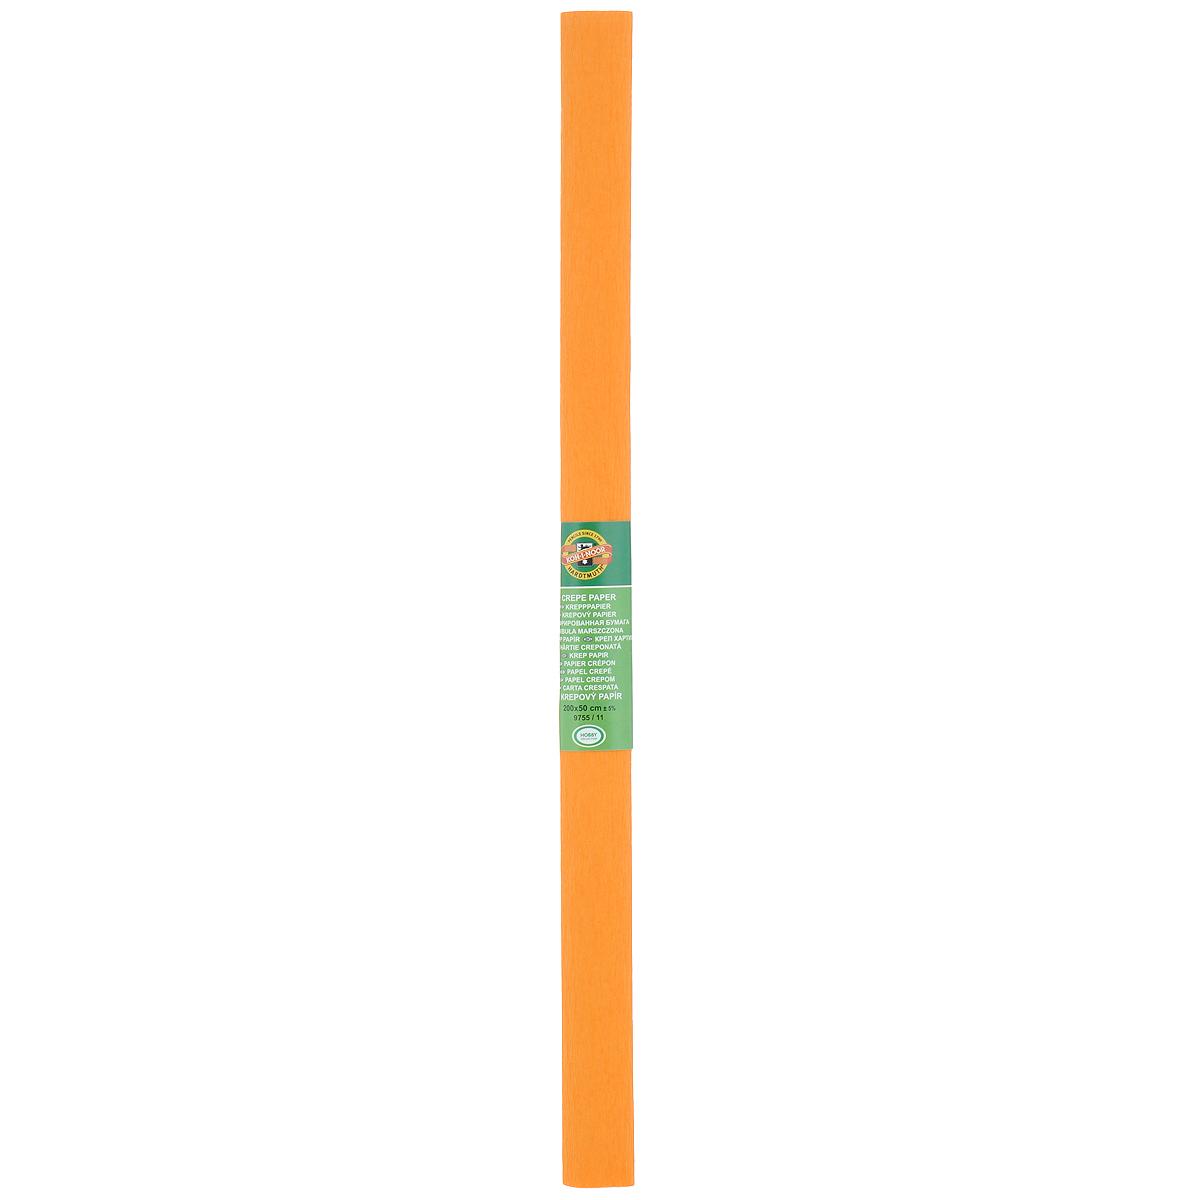 Бумага гофрированная Koh-I-Noor, цвет: светло-оранжевый, 50 см x 2 м09840-20.000.00Гофрированная бумага Koh-I-Noor - прекрасный материал для декорирования, изготовления эффектной упаковки и различных поделок. Бумага прекрасно держит форму, не пачкает руки, отлично крепится и замечательно подходит для изготовления праздничной упаковки для цветов.